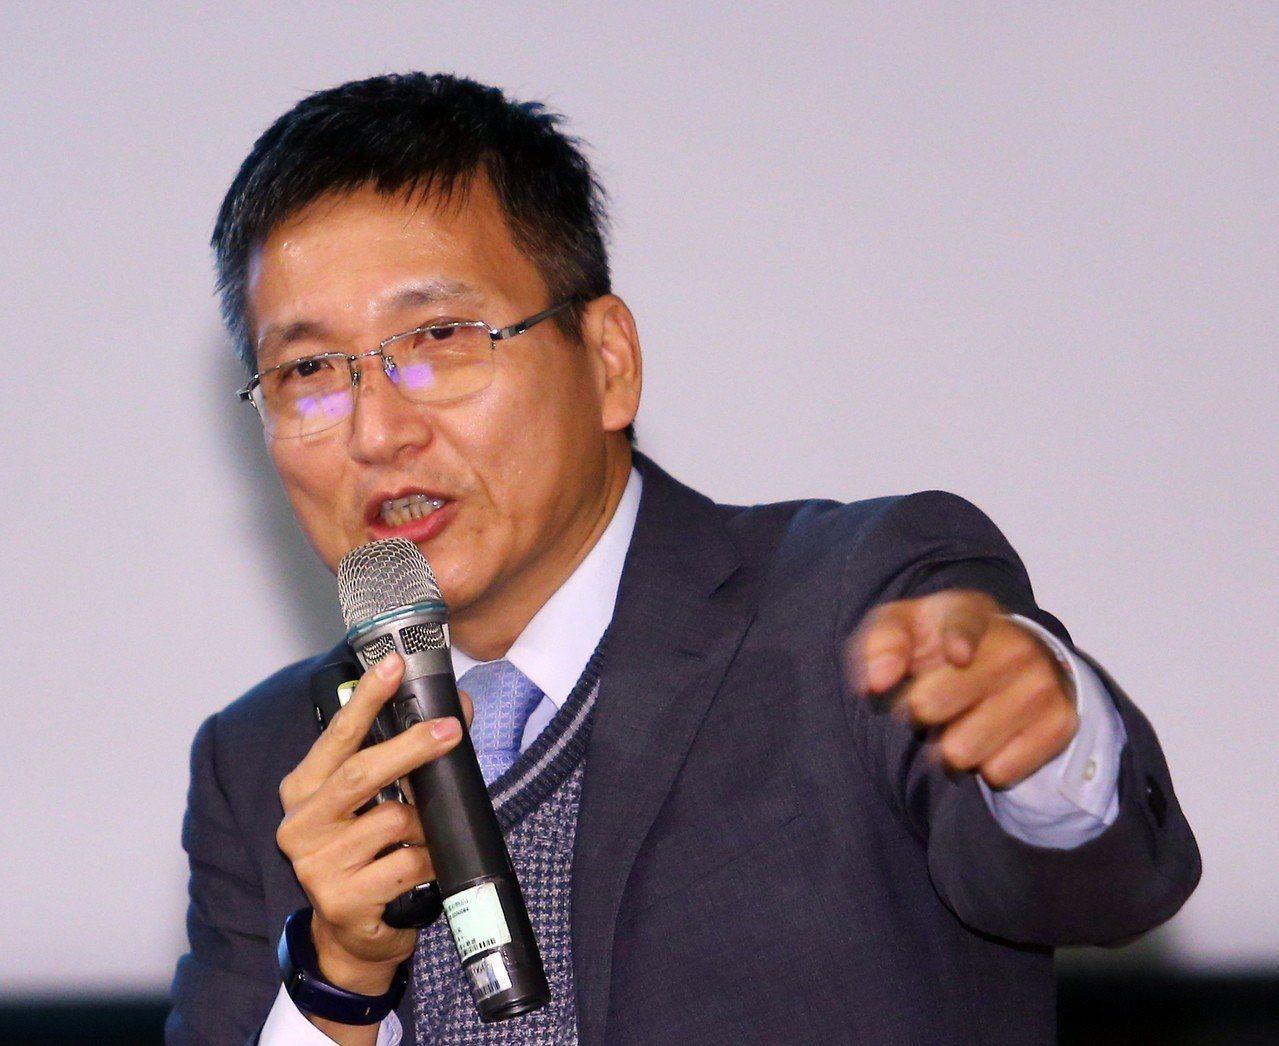 淡江大學陸研所副教授張五岳。圖/聯合報系資料照